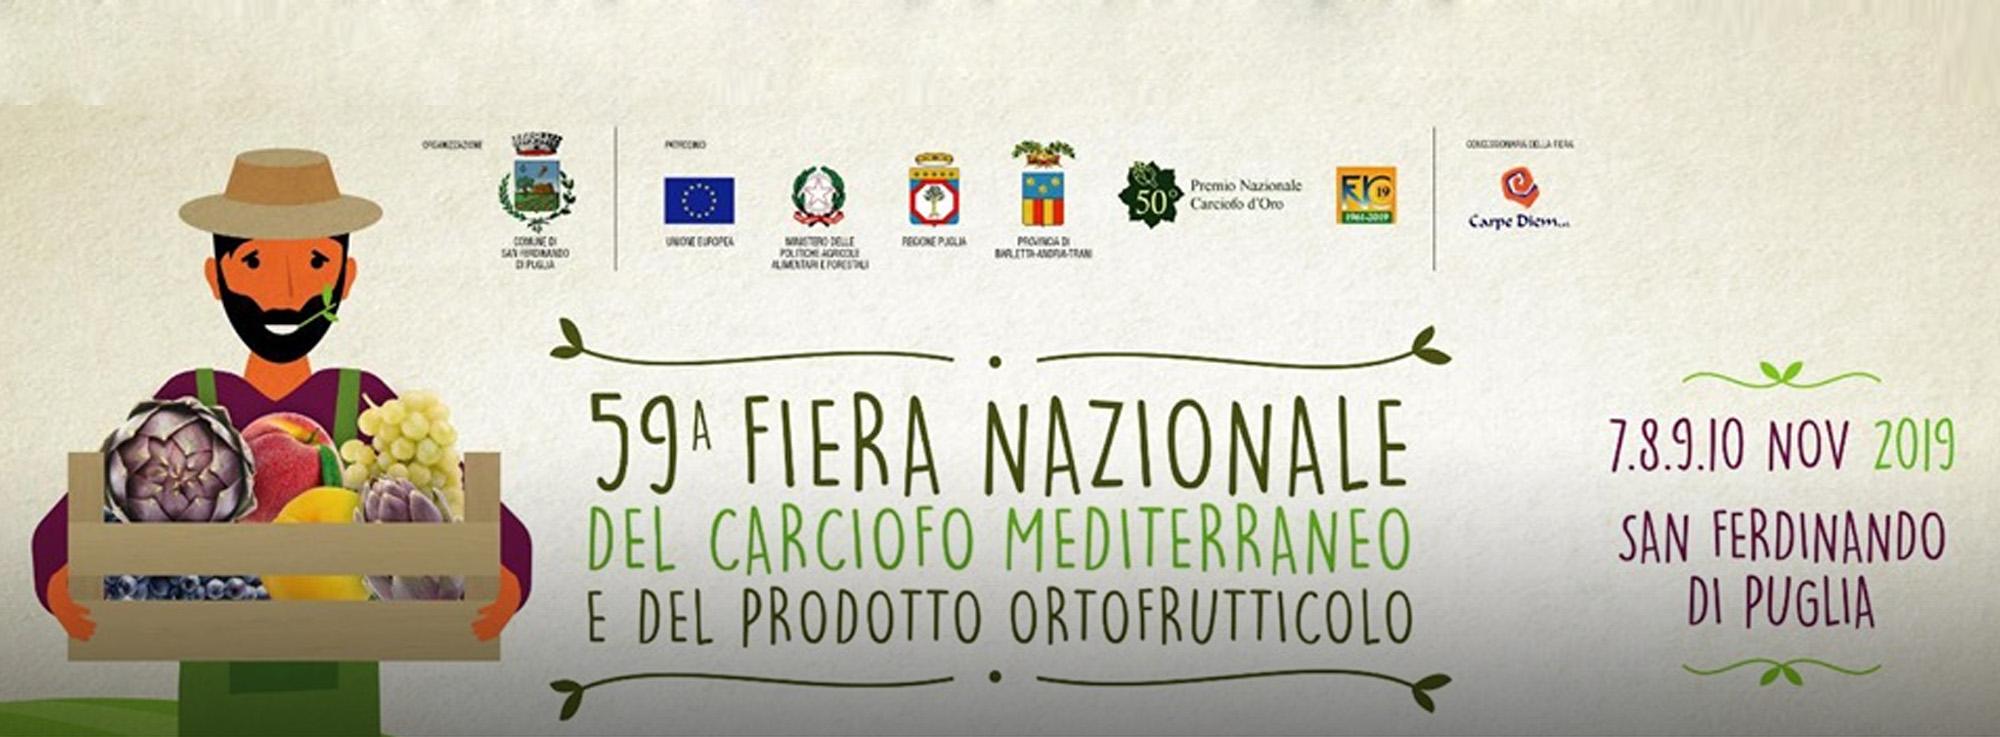 San Ferdinando di Puglia: Fiera nazionale del carciofo e del Prodotto Ortofrutticolo